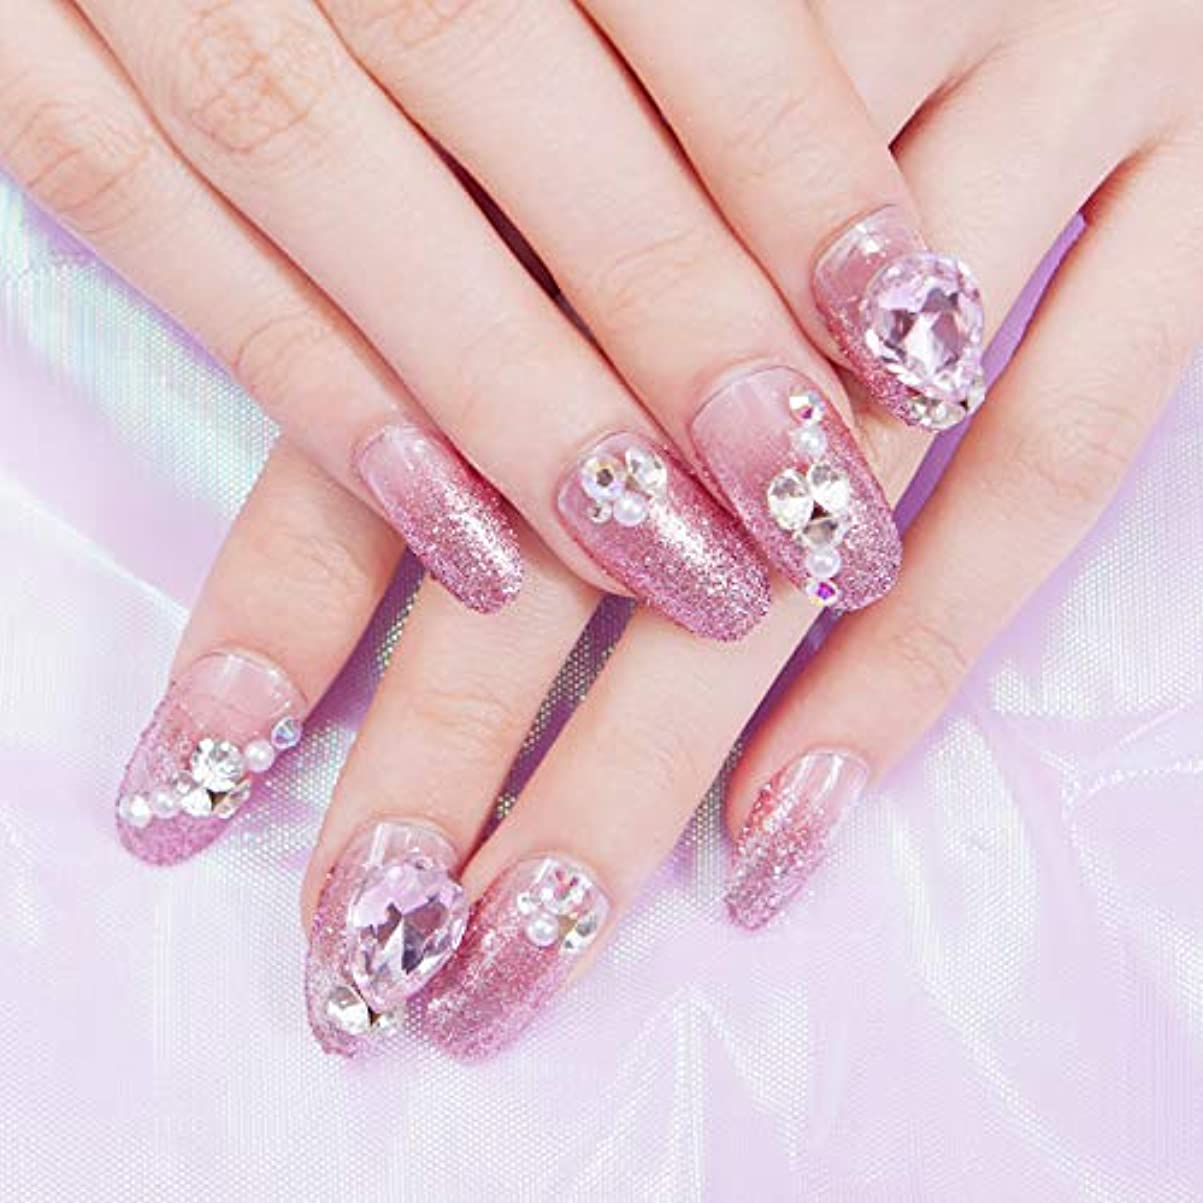 コンバーチブル一流描くピンク ジェルネイルネイルチップ 貼るだけ簡単付け爪24枚入り高品質 ins 人気の ネイルチップ パープルピンク